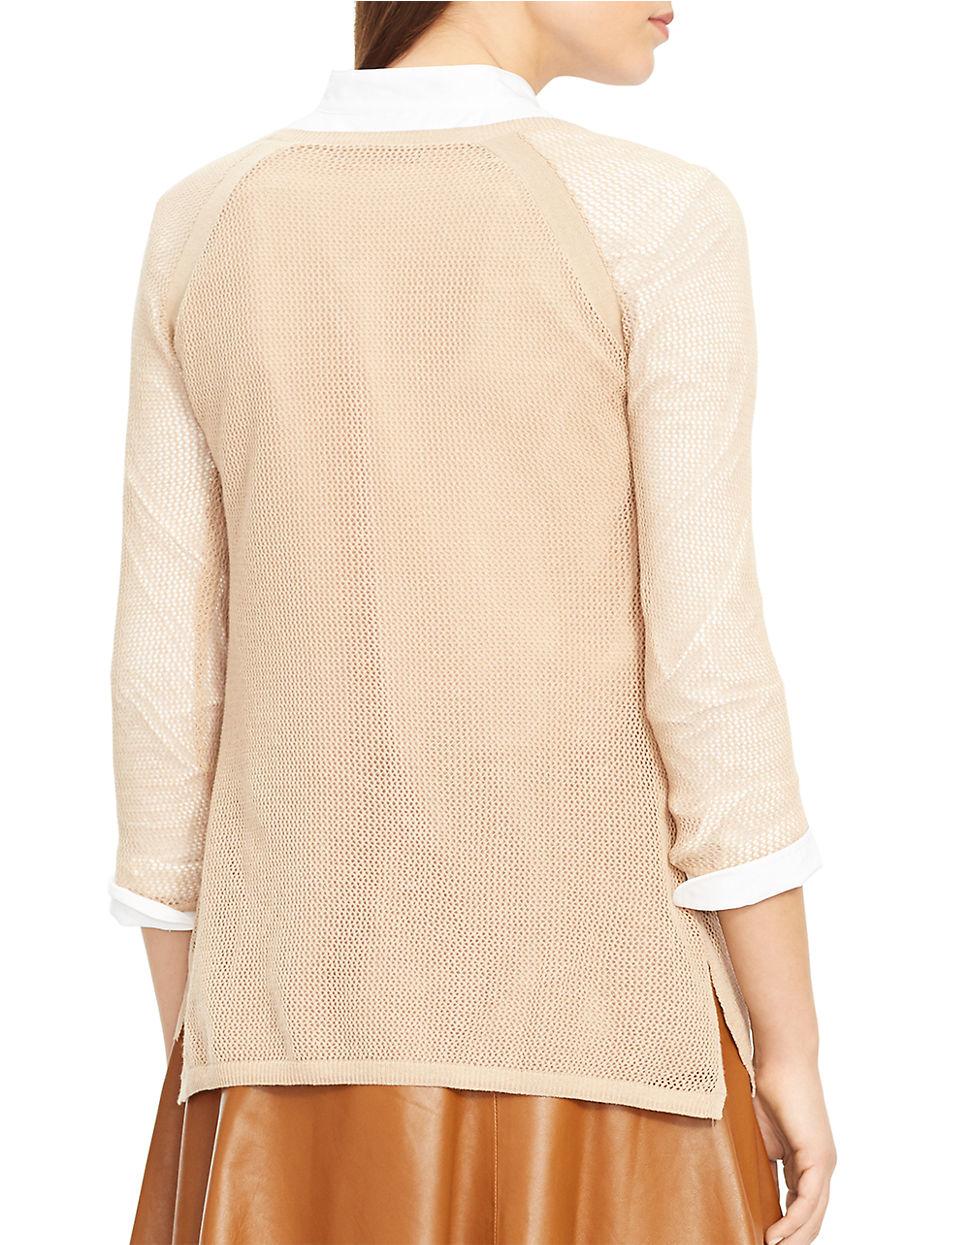 lauren by ralph lauren petite linen cotton mesh sweater in beige lyst. Black Bedroom Furniture Sets. Home Design Ideas